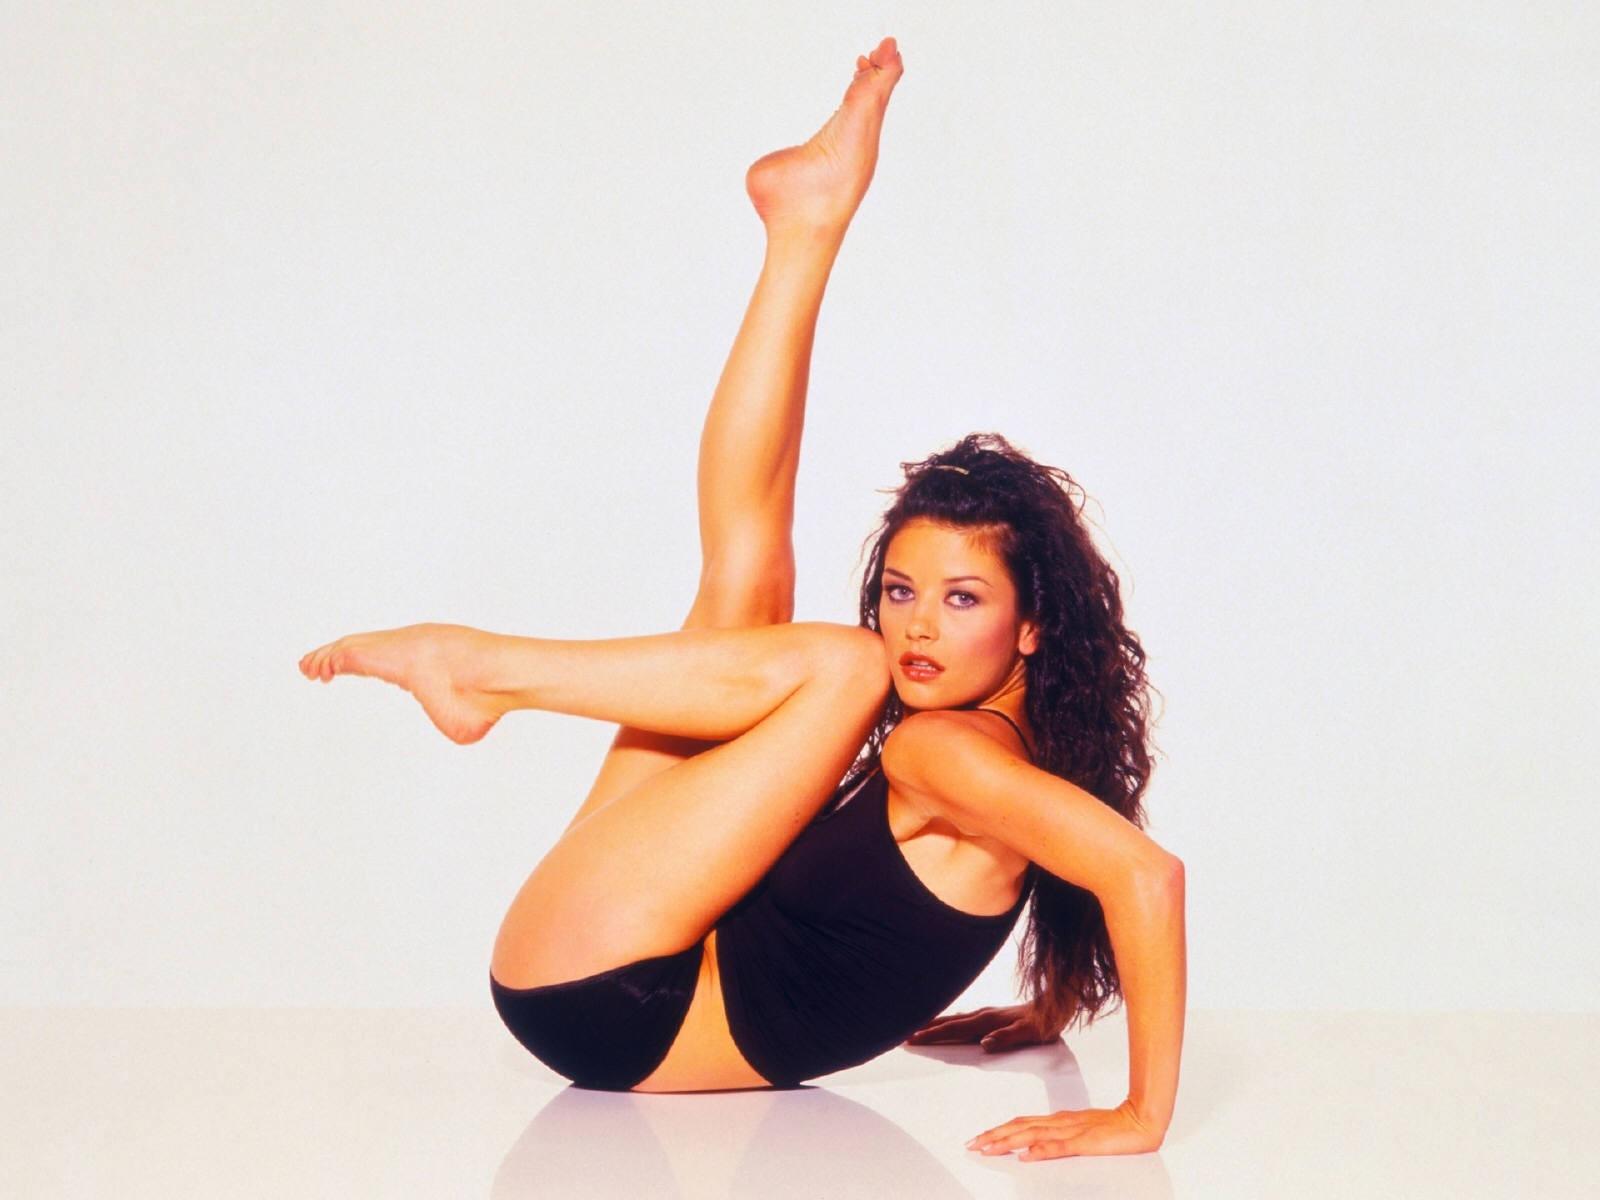 Wallpaper di Catherine Zeta-Jones, splendide gambe per l'attrice gallese